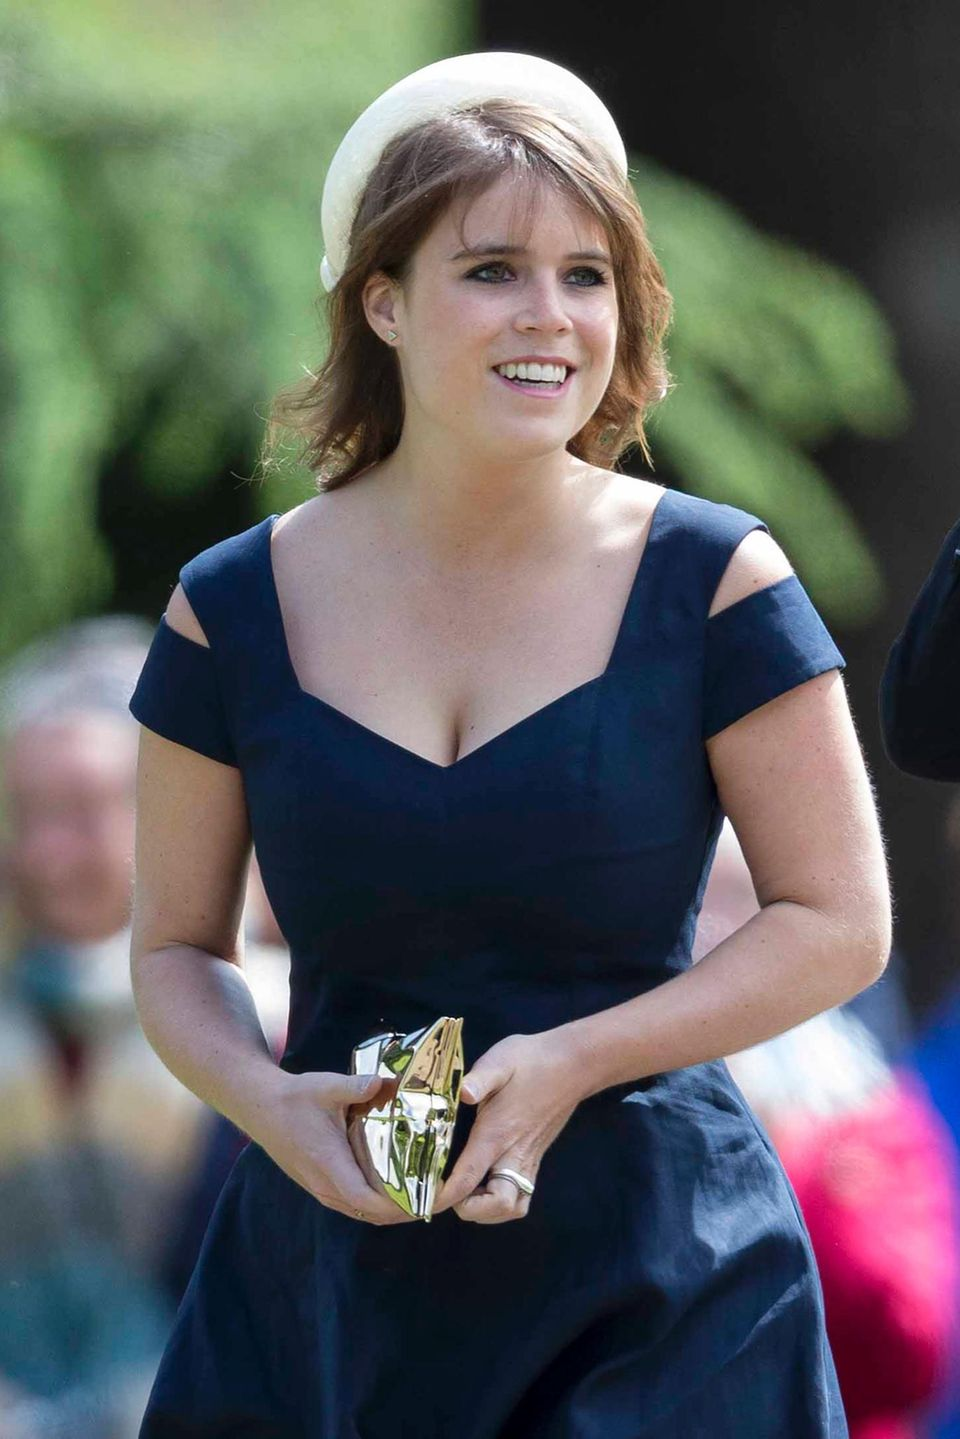 Prinzessin Eugenie von York (*1990), jüngere Tochter von Prinz Andrew und Sarah Ferguson